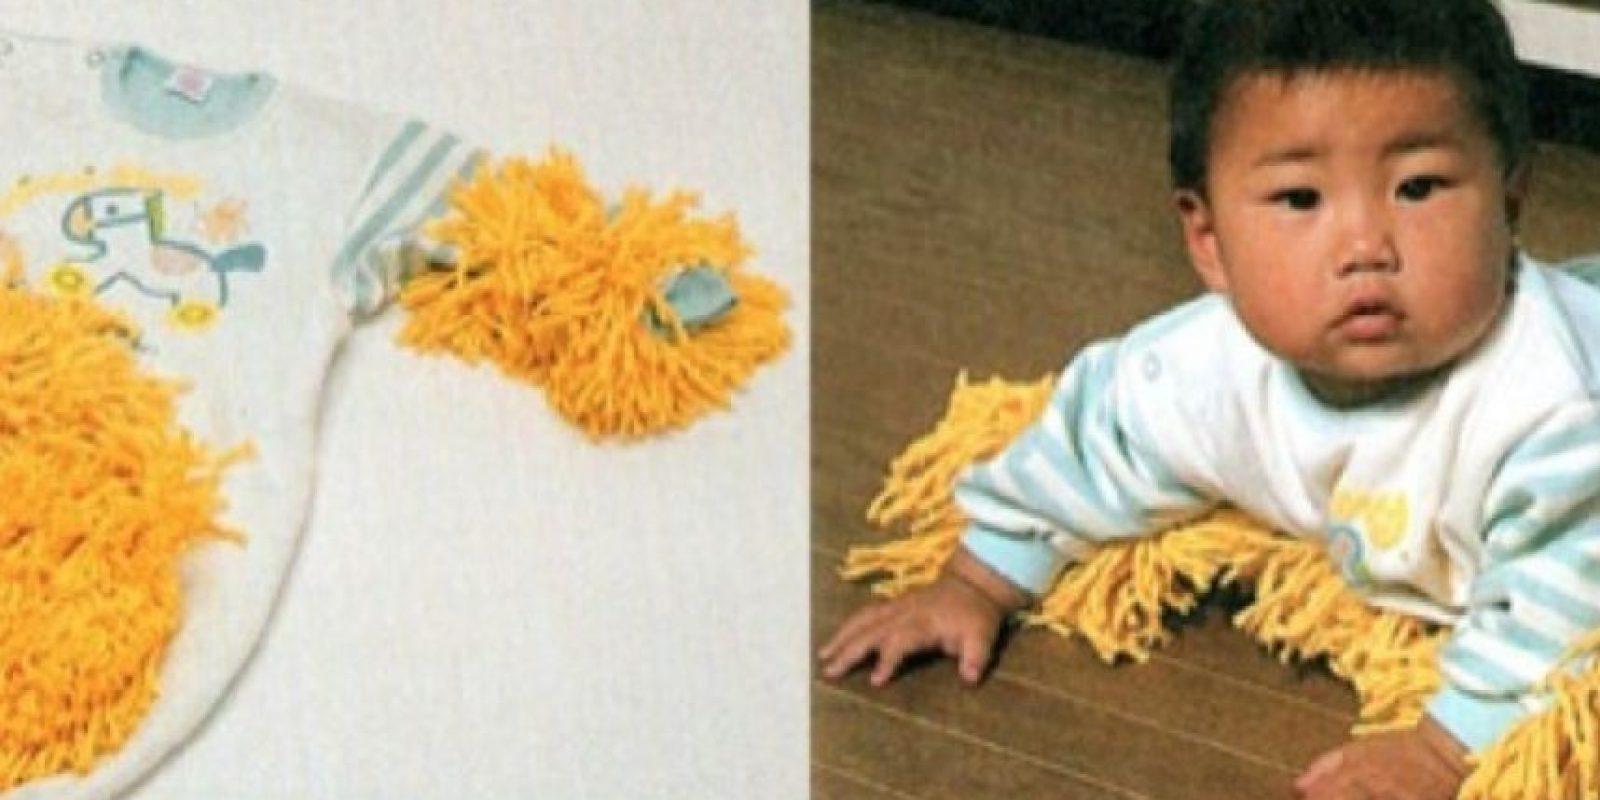 Esto evita que se ensucie el bebé. Foto:Twitter